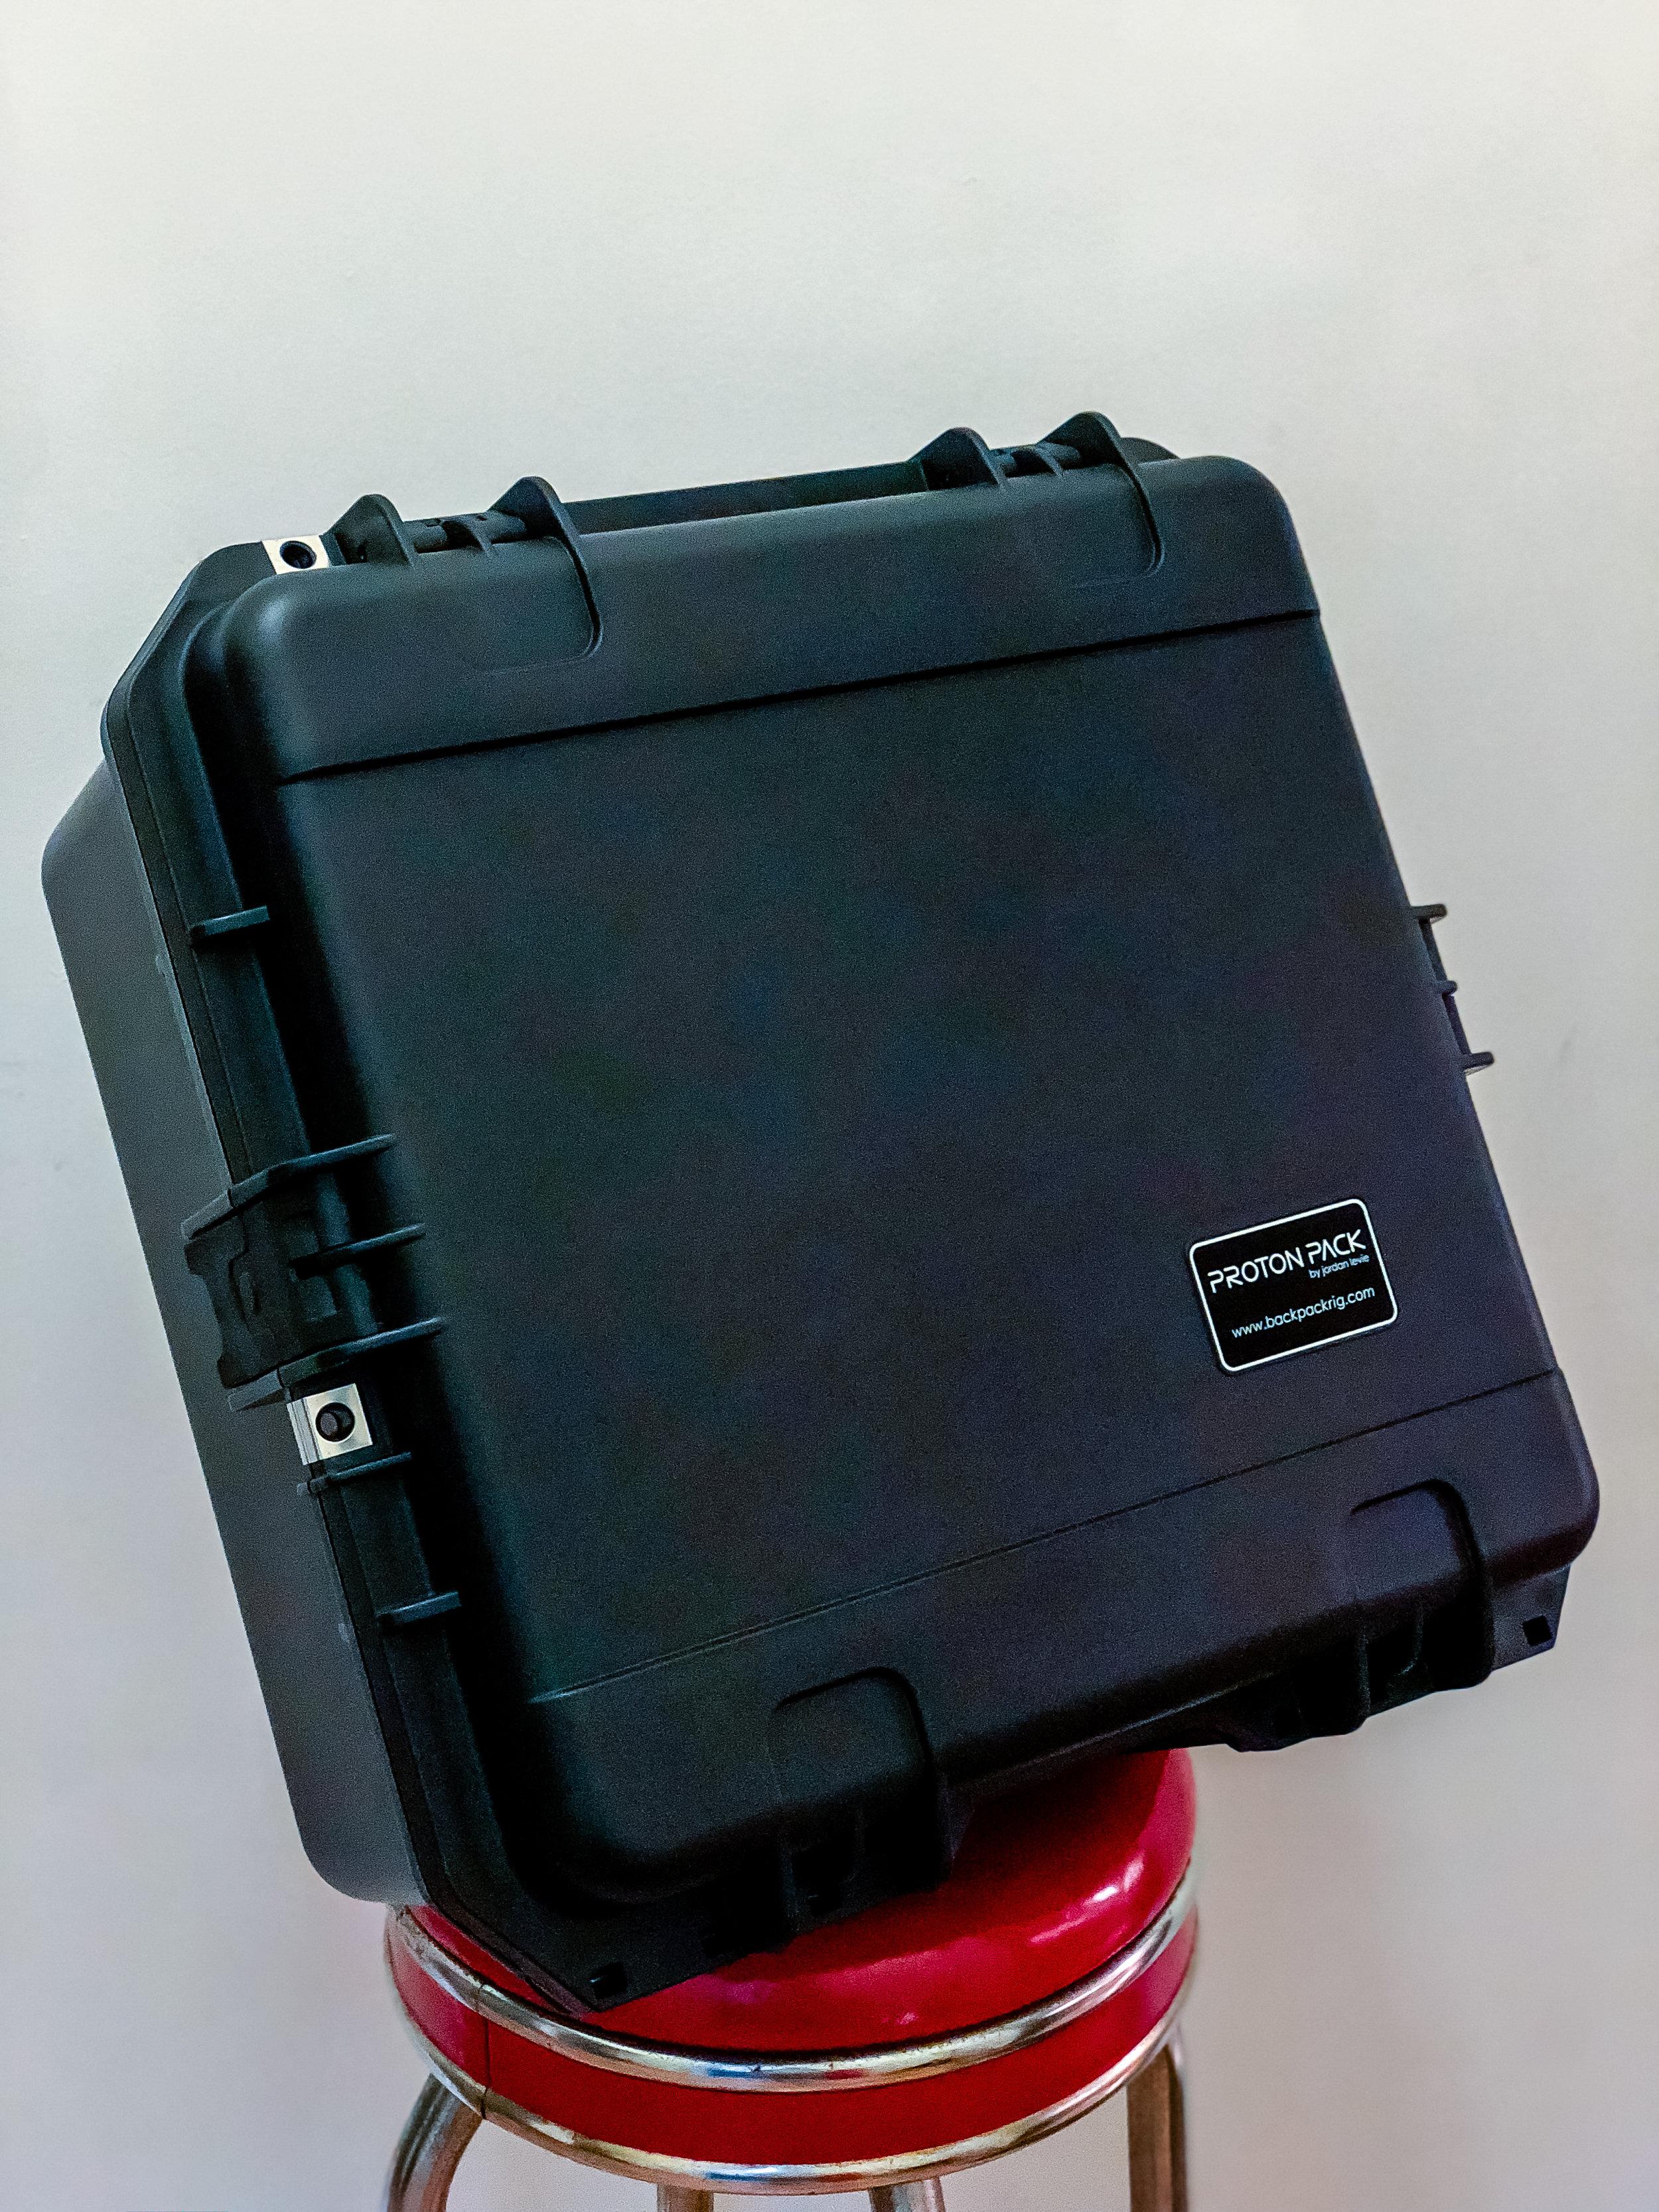 Hard shipping case